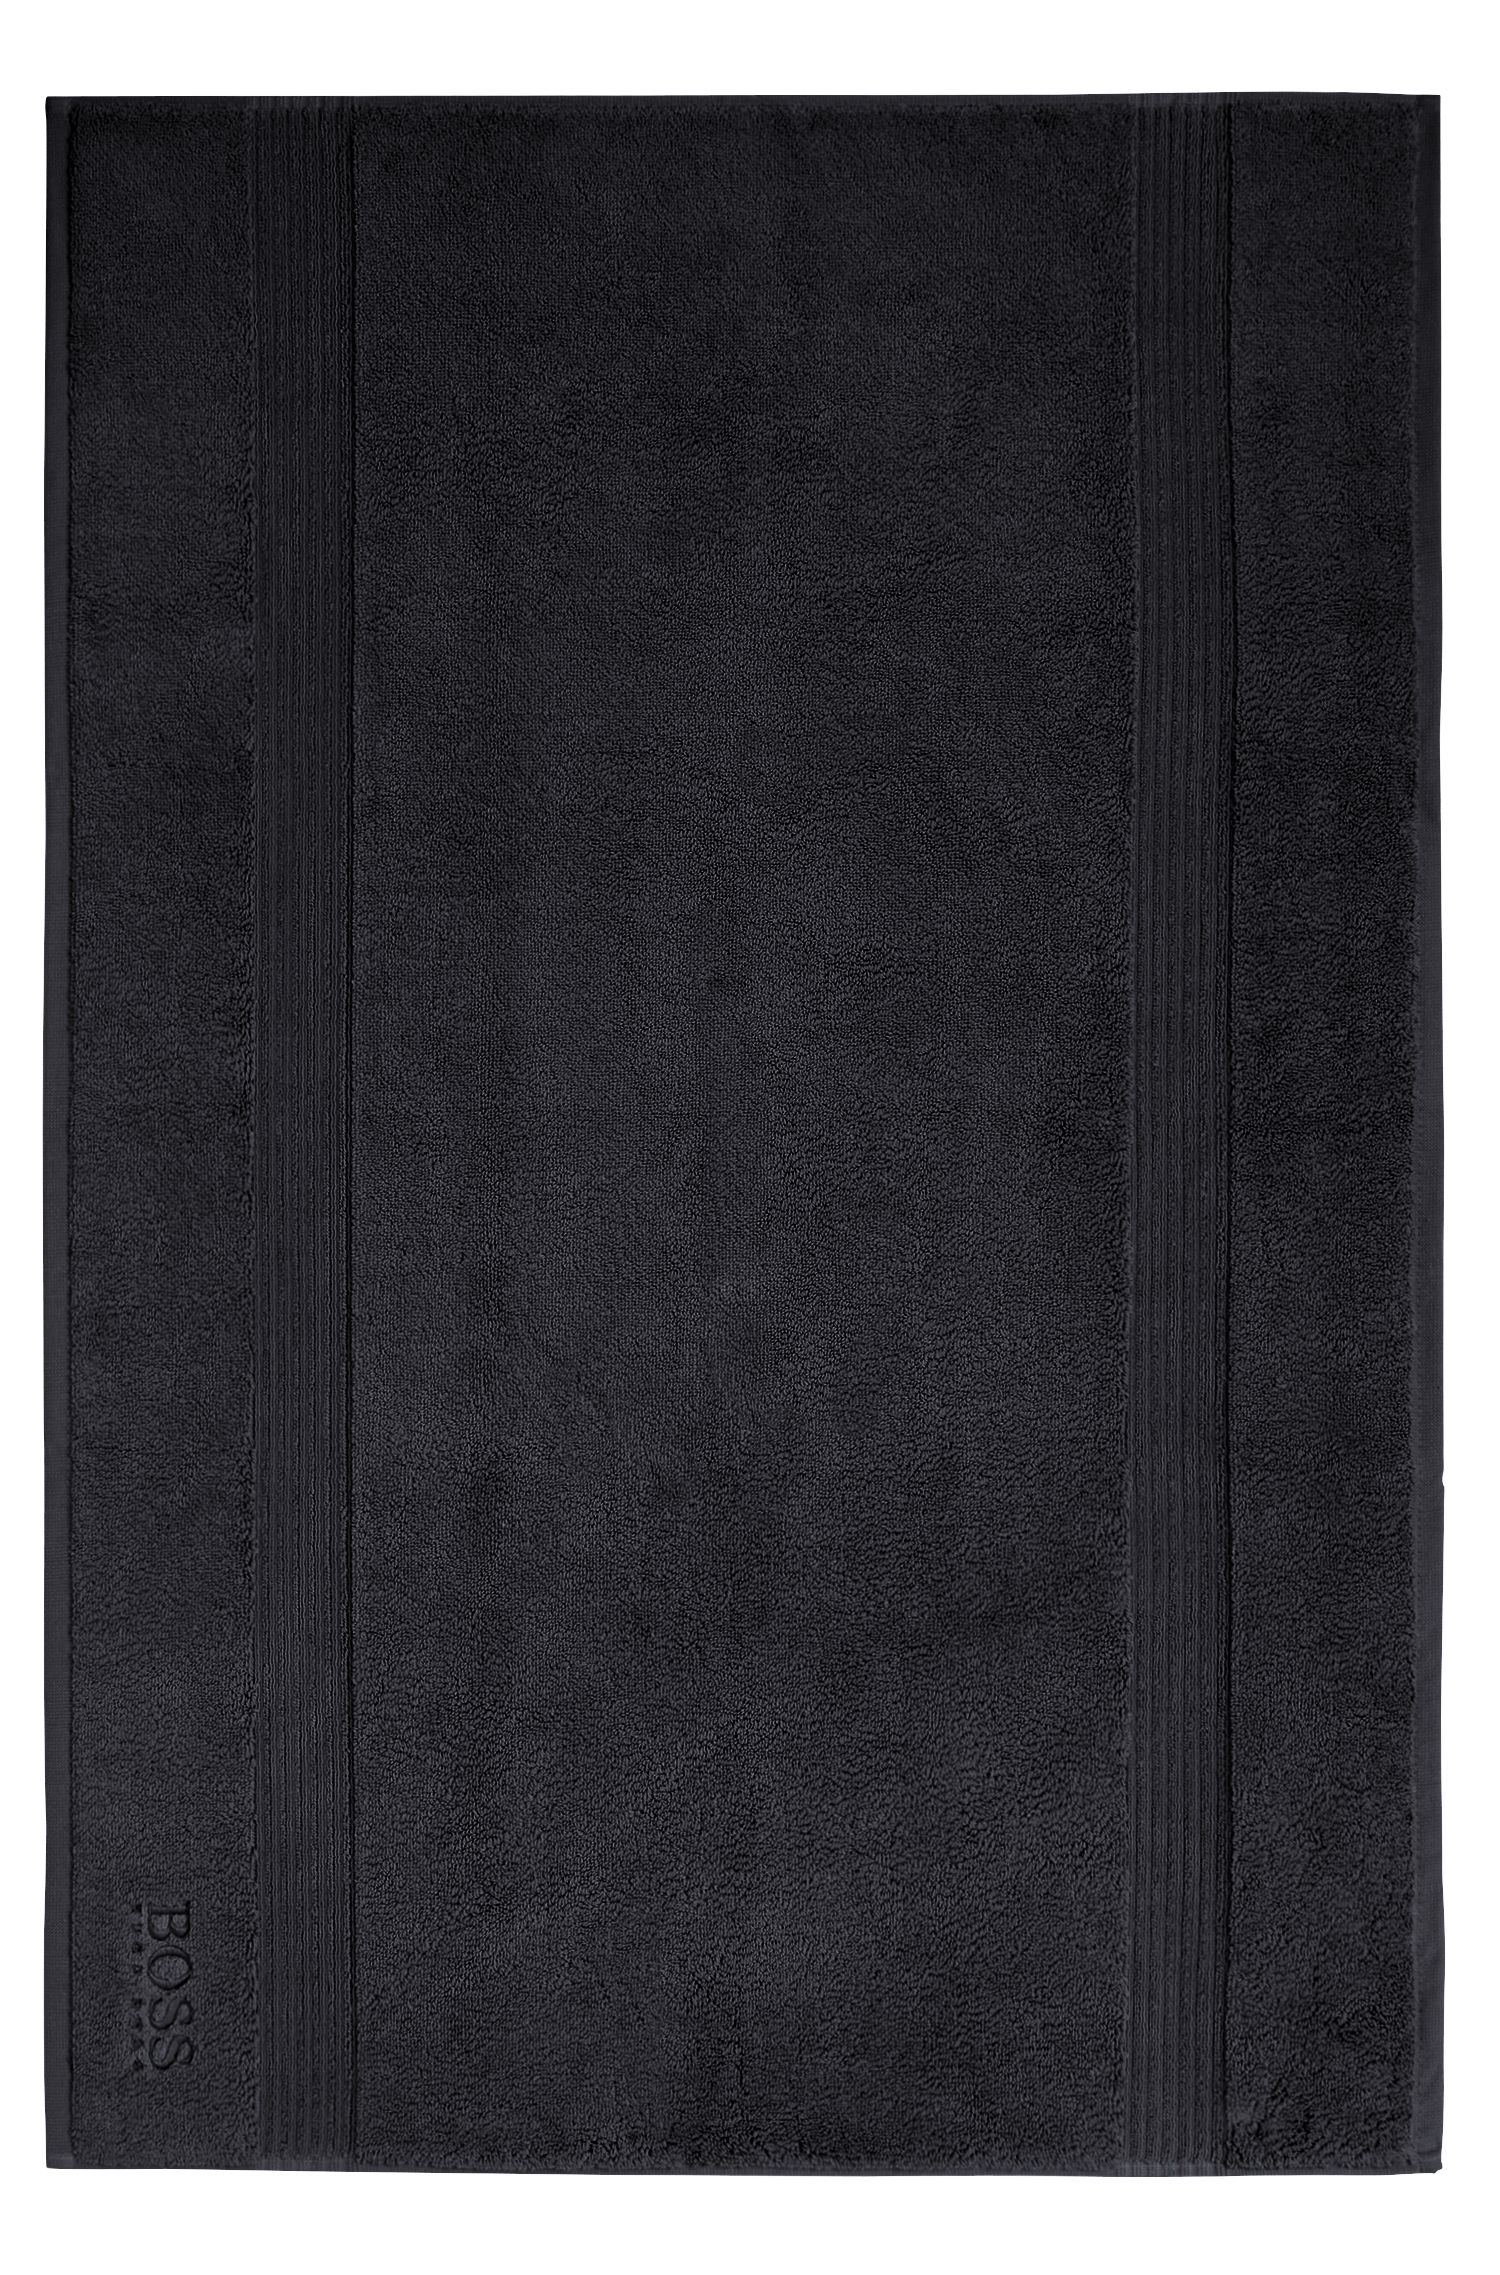 Alfombrilla de baño en algodón peinado del Egeo con borde de canalé, Negro